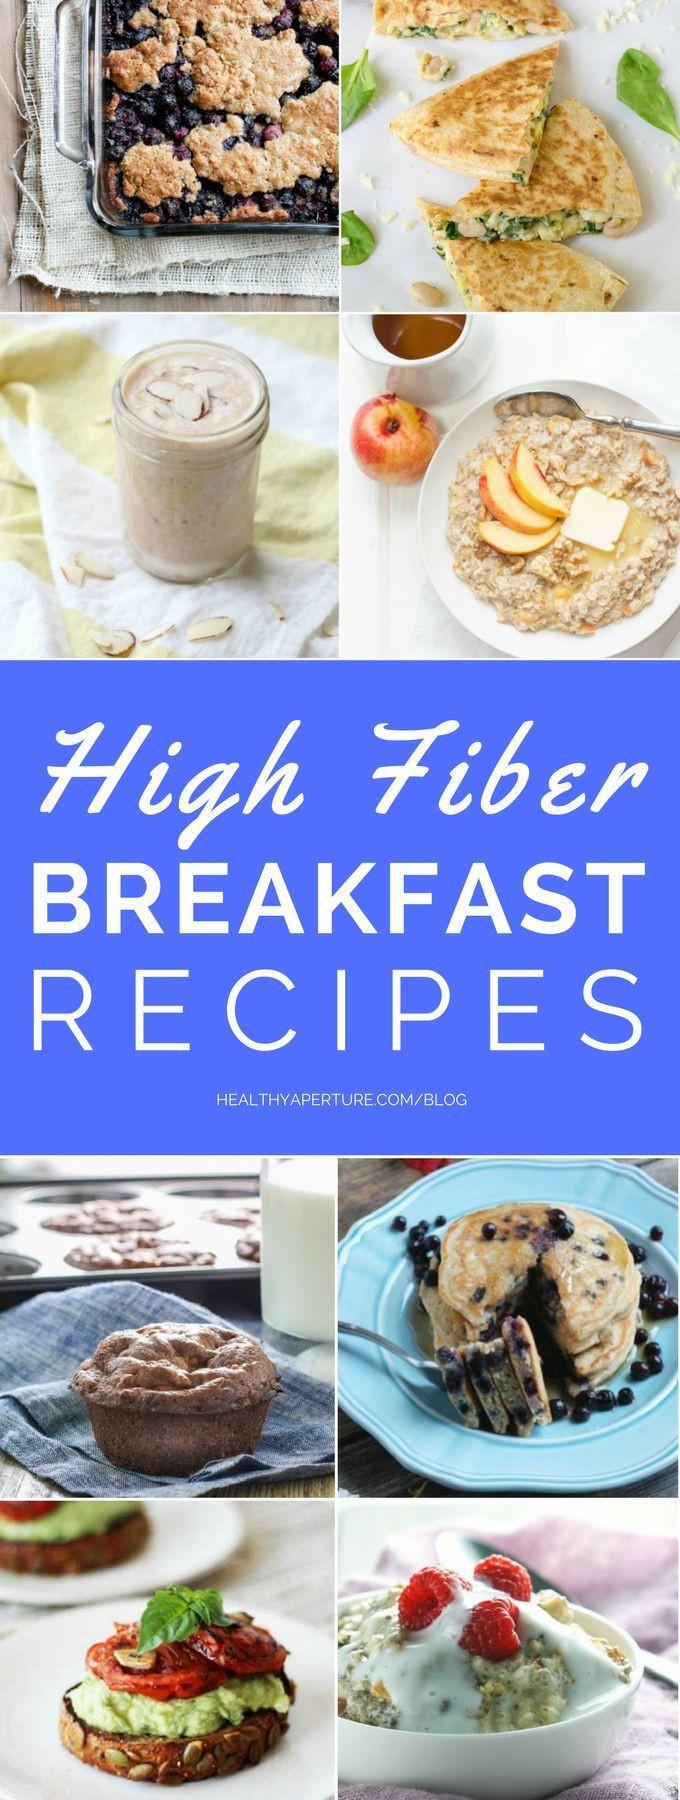 High Fiber Vegetarian Recipes  Best 25 High fiber foods ideas on Pinterest